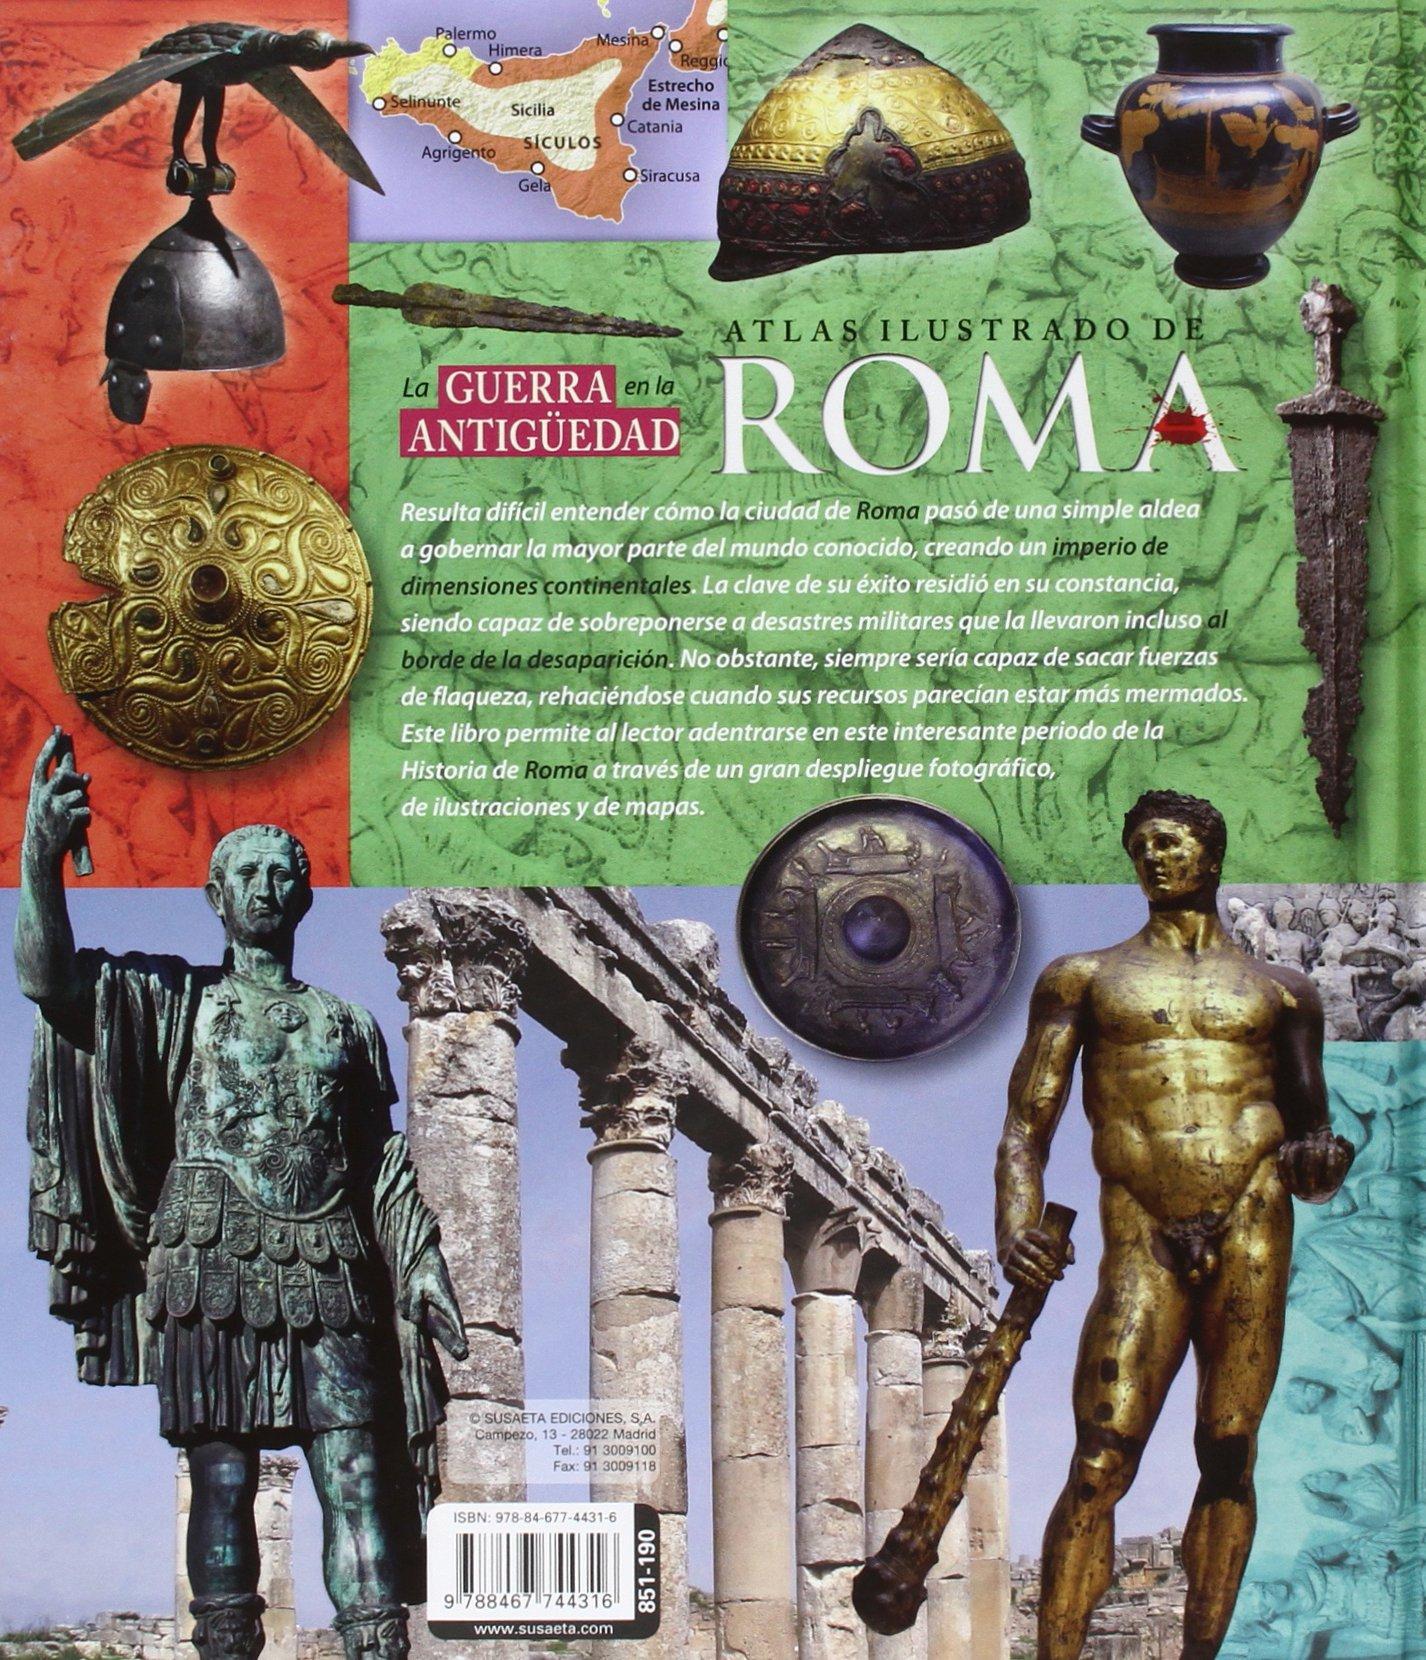 Atlas ilustrado de la guerra en la antigüedad Roma: Amazon.es: Sáez Abad, Rubén, Sáez Abad, Rubén, Fernández, Carlos: Libros